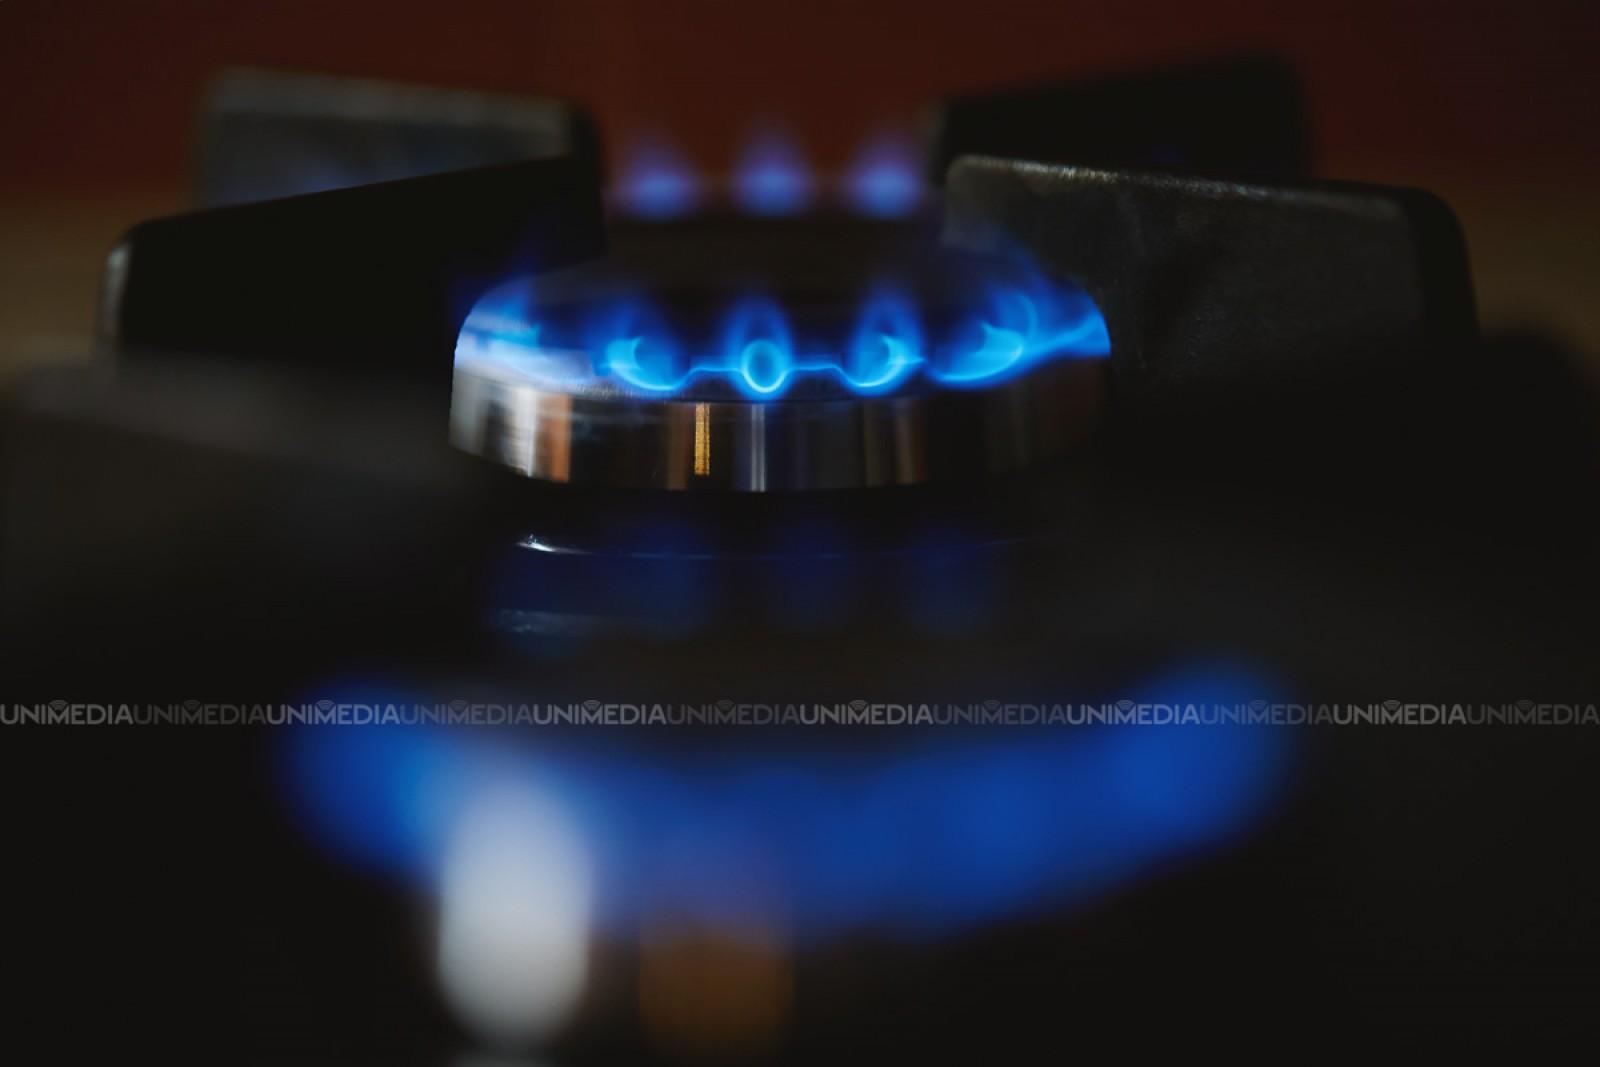 Mold-street: Ruşii ne scumpesc gazul. În primul trimestru prețul a crescut cu peste 26%